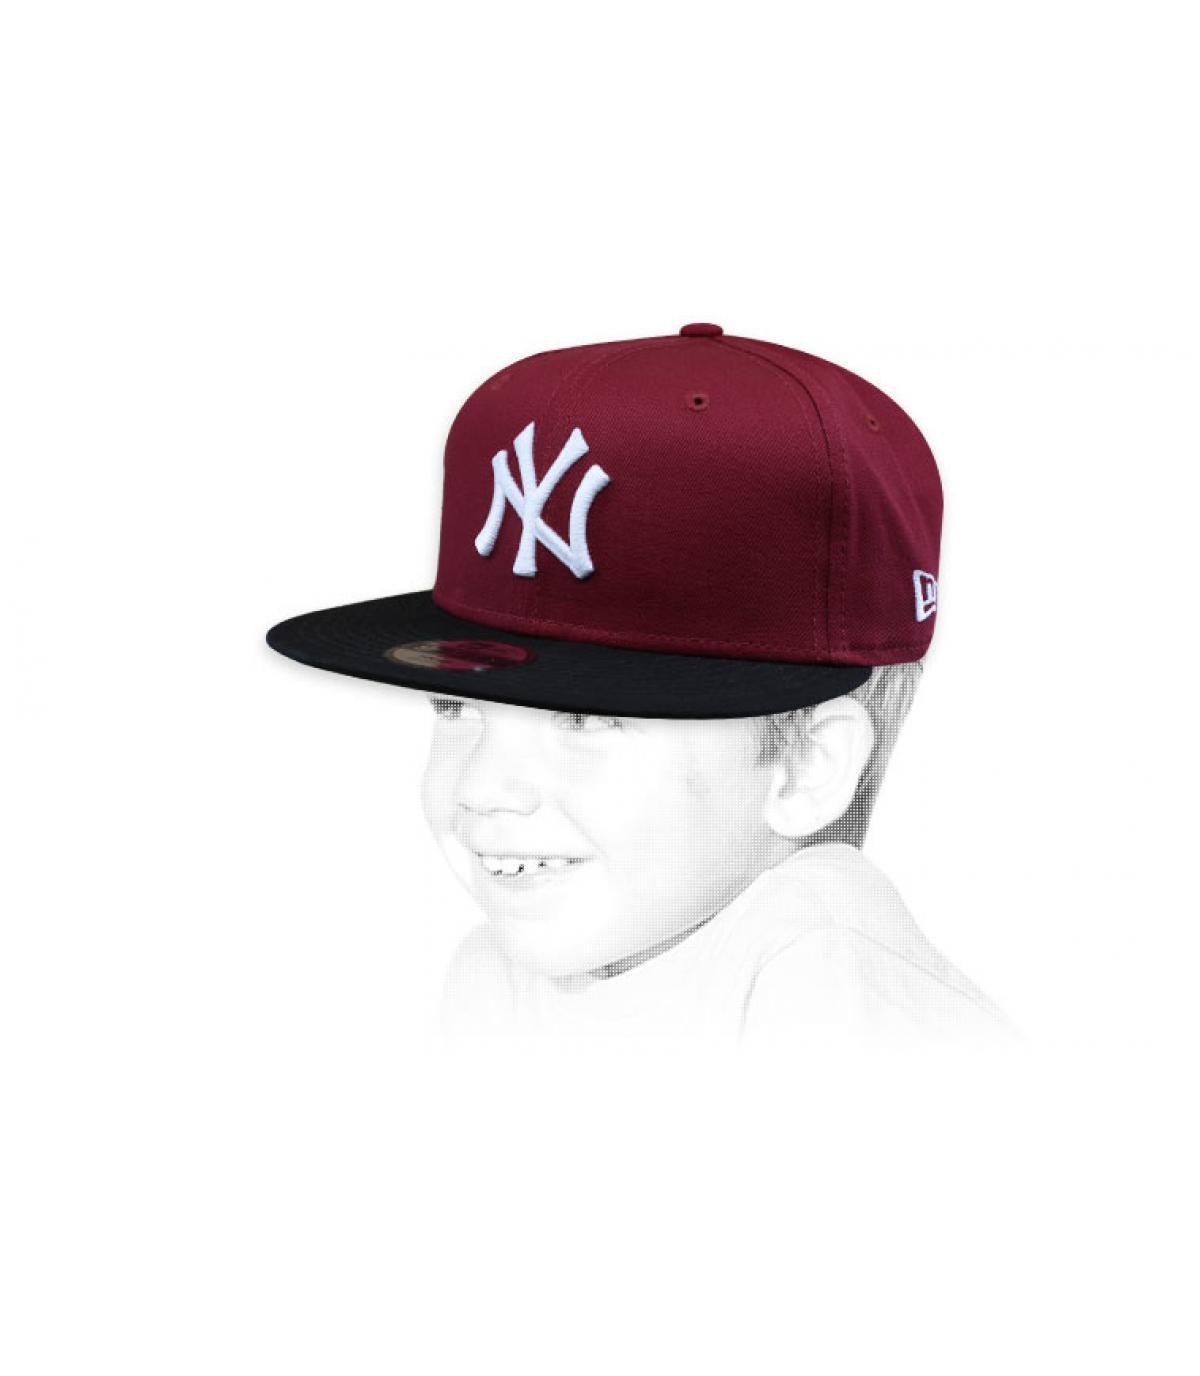 cappellino bambino NY bordeaux nero